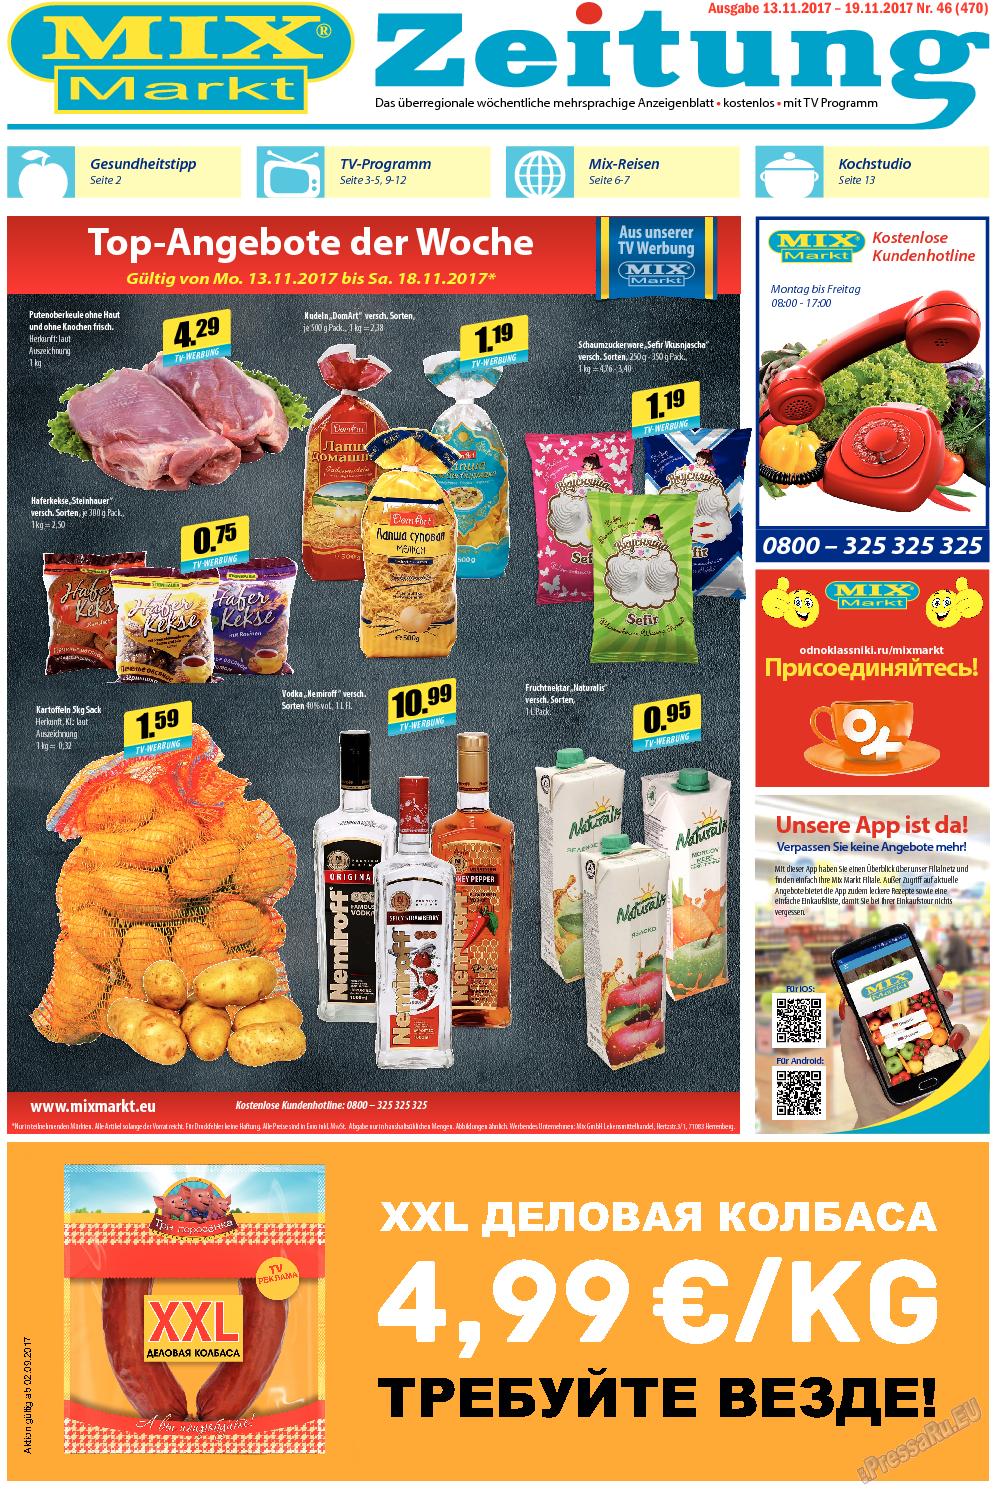 MIX-Markt Zeitung (газета). 2017 год, номер 46, стр. 1